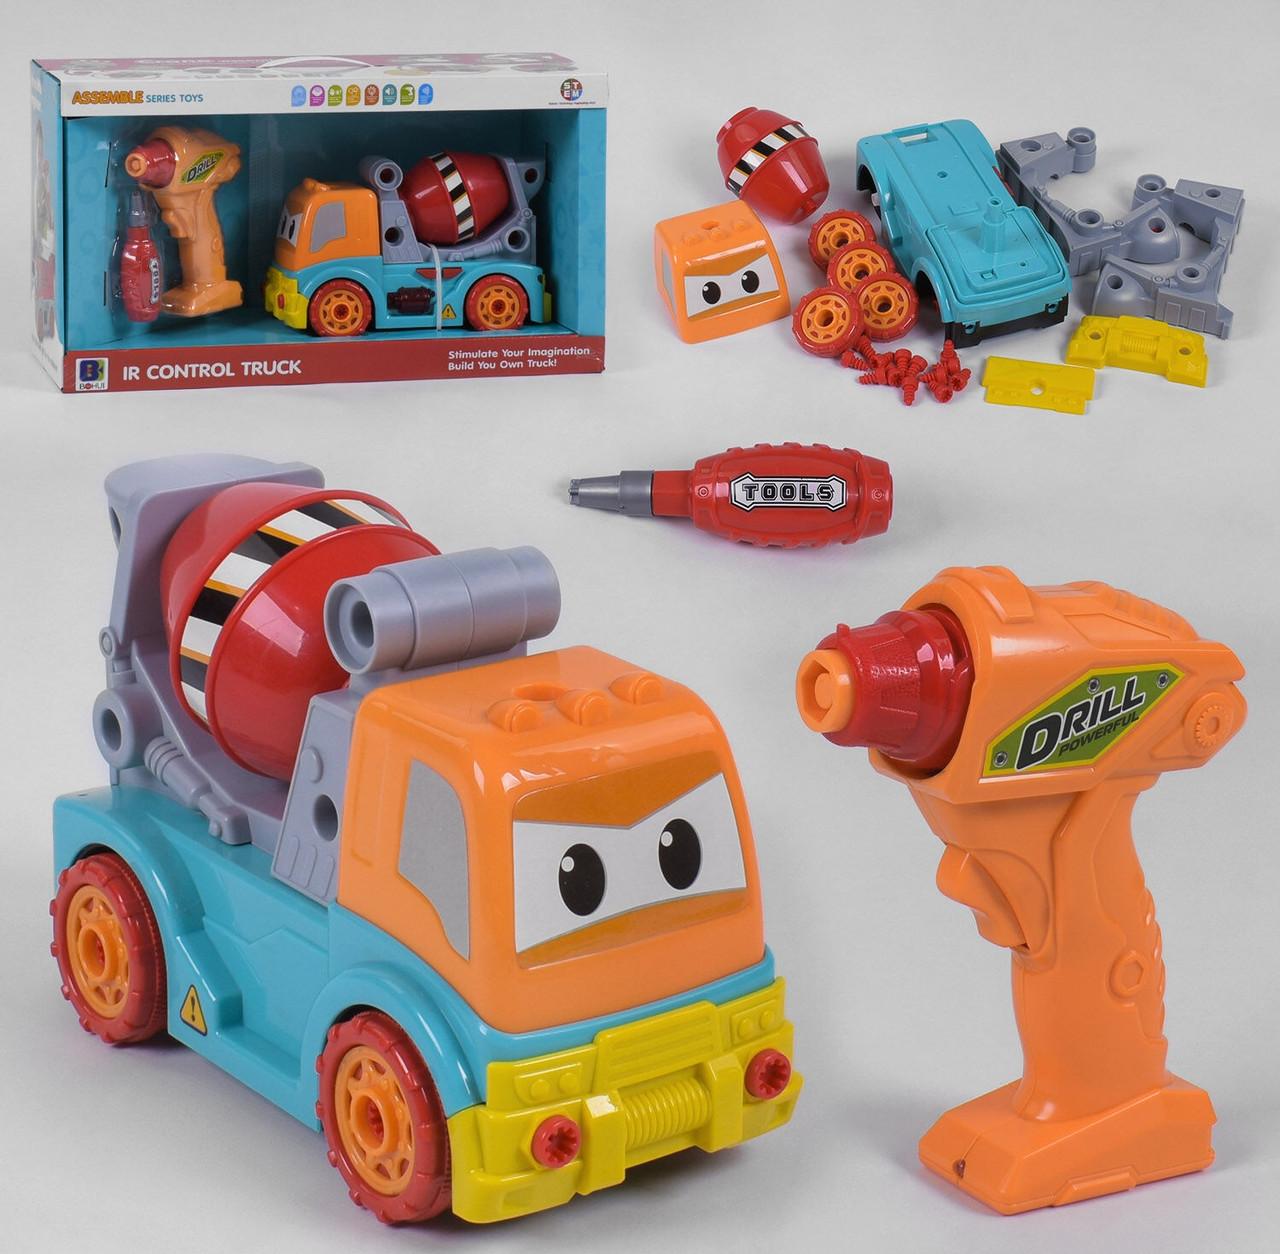 Спецтехника-конструктор на радиоуправлении Assembler Series Toys